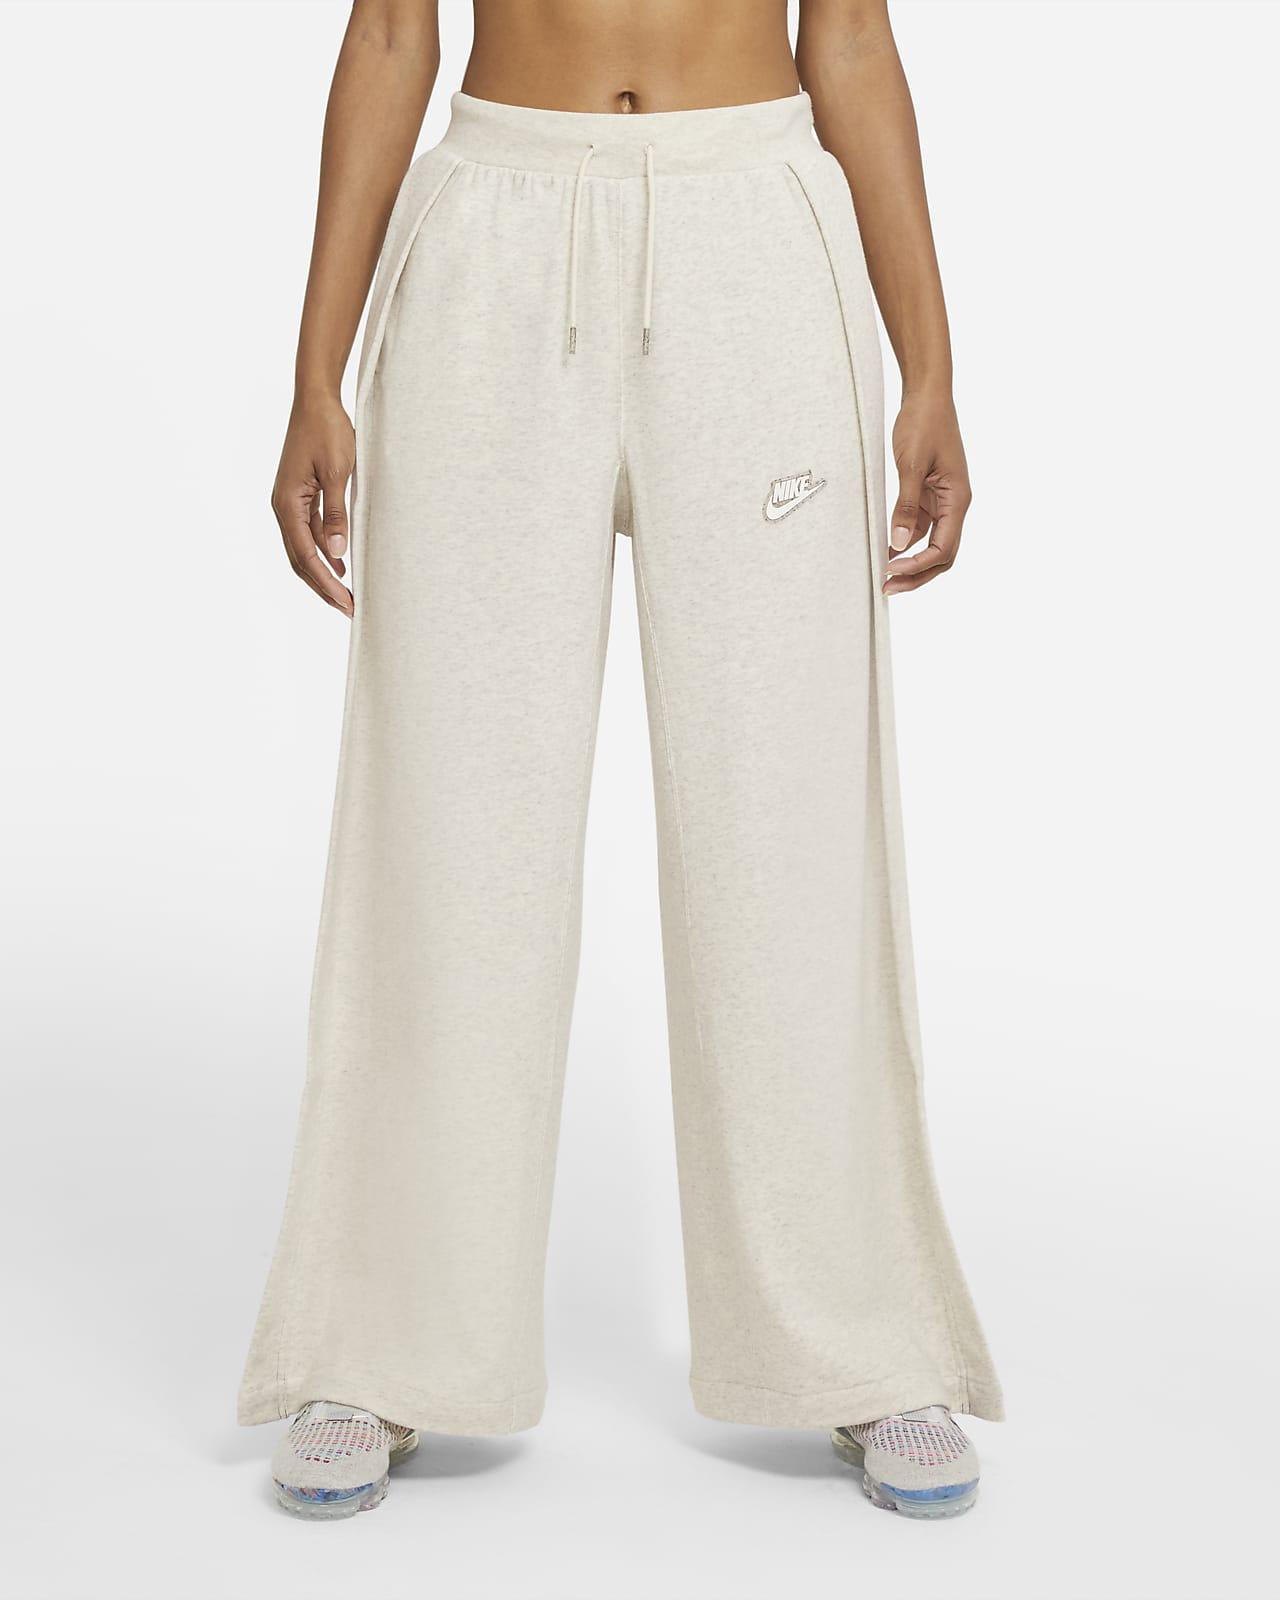 Calças em tecido moletão Nike Sportswear para mulher